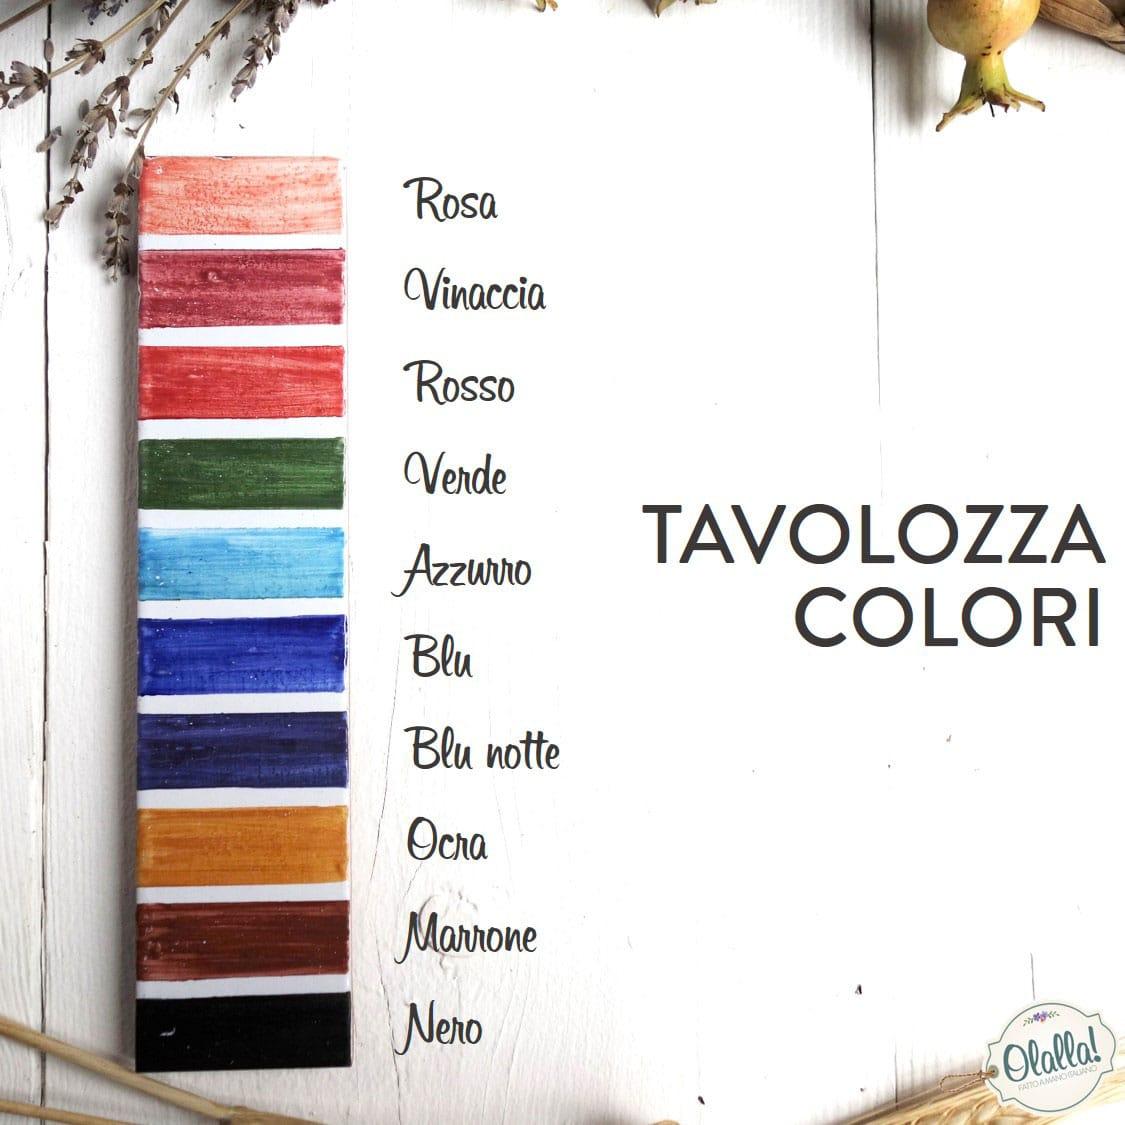 TAVOLOZZA-COLORI-PAOLA-CERAMICHE